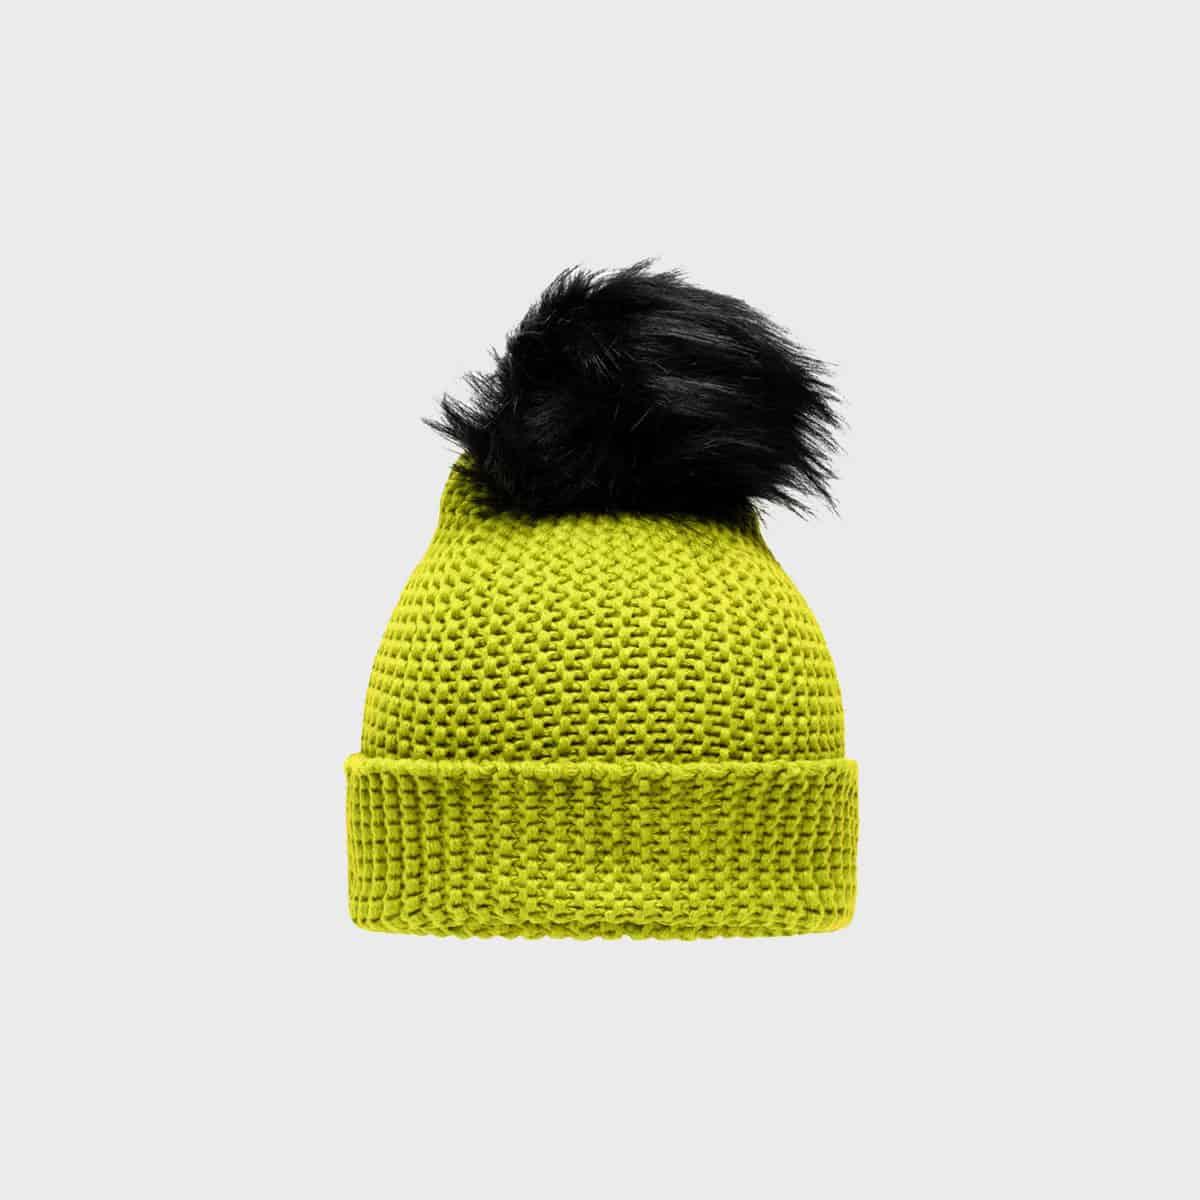 wintersport-mütze-acidyellow-black-kaufen-besticken_stickmanufaktur